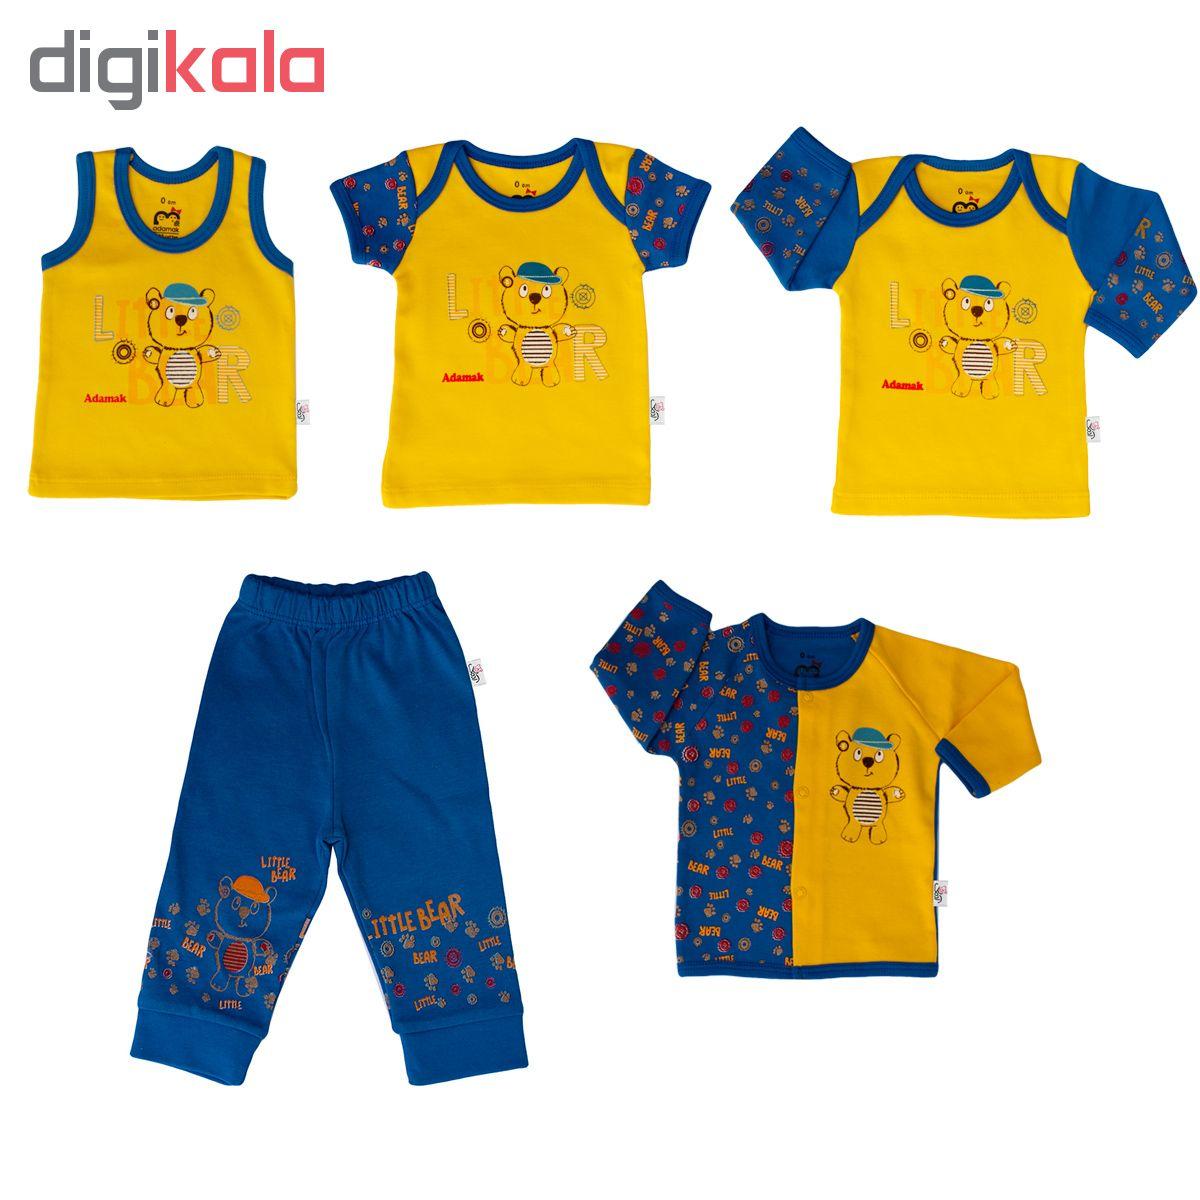 ست 5 تکه لباس نوزادی پسرانه آدمک طرح خرس کوچولو کد 003